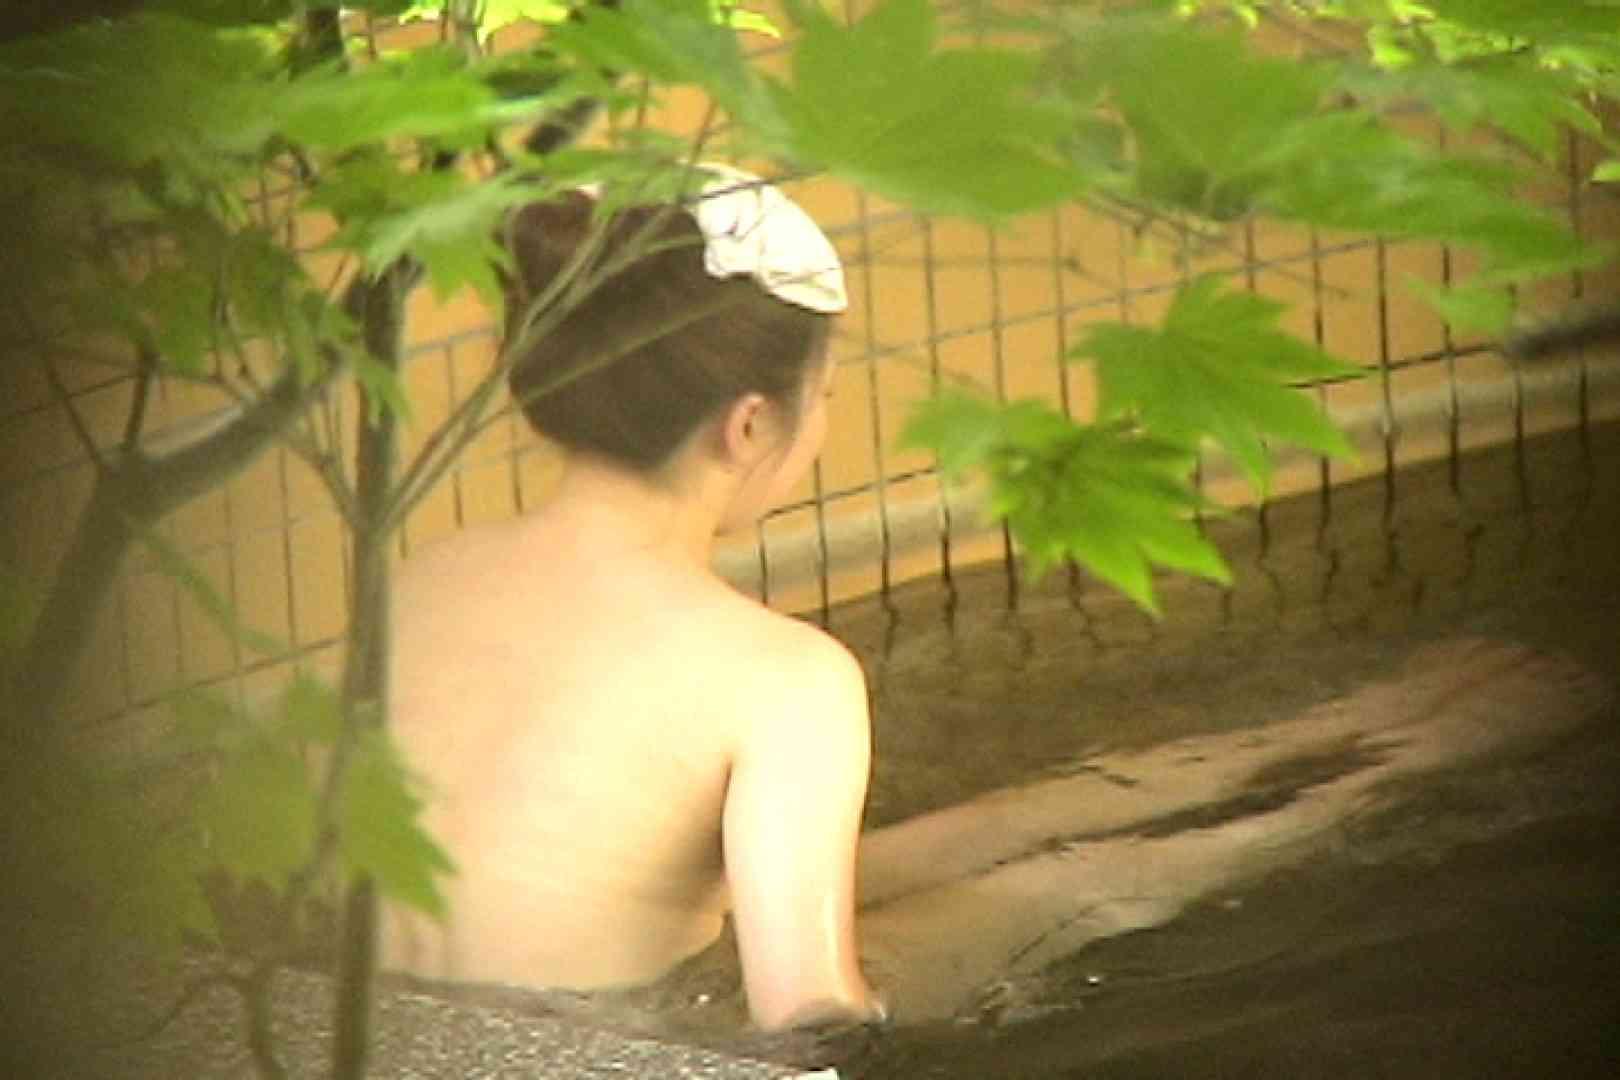 Aquaな露天風呂Vol.708 OLエロ画像  76PICs 33